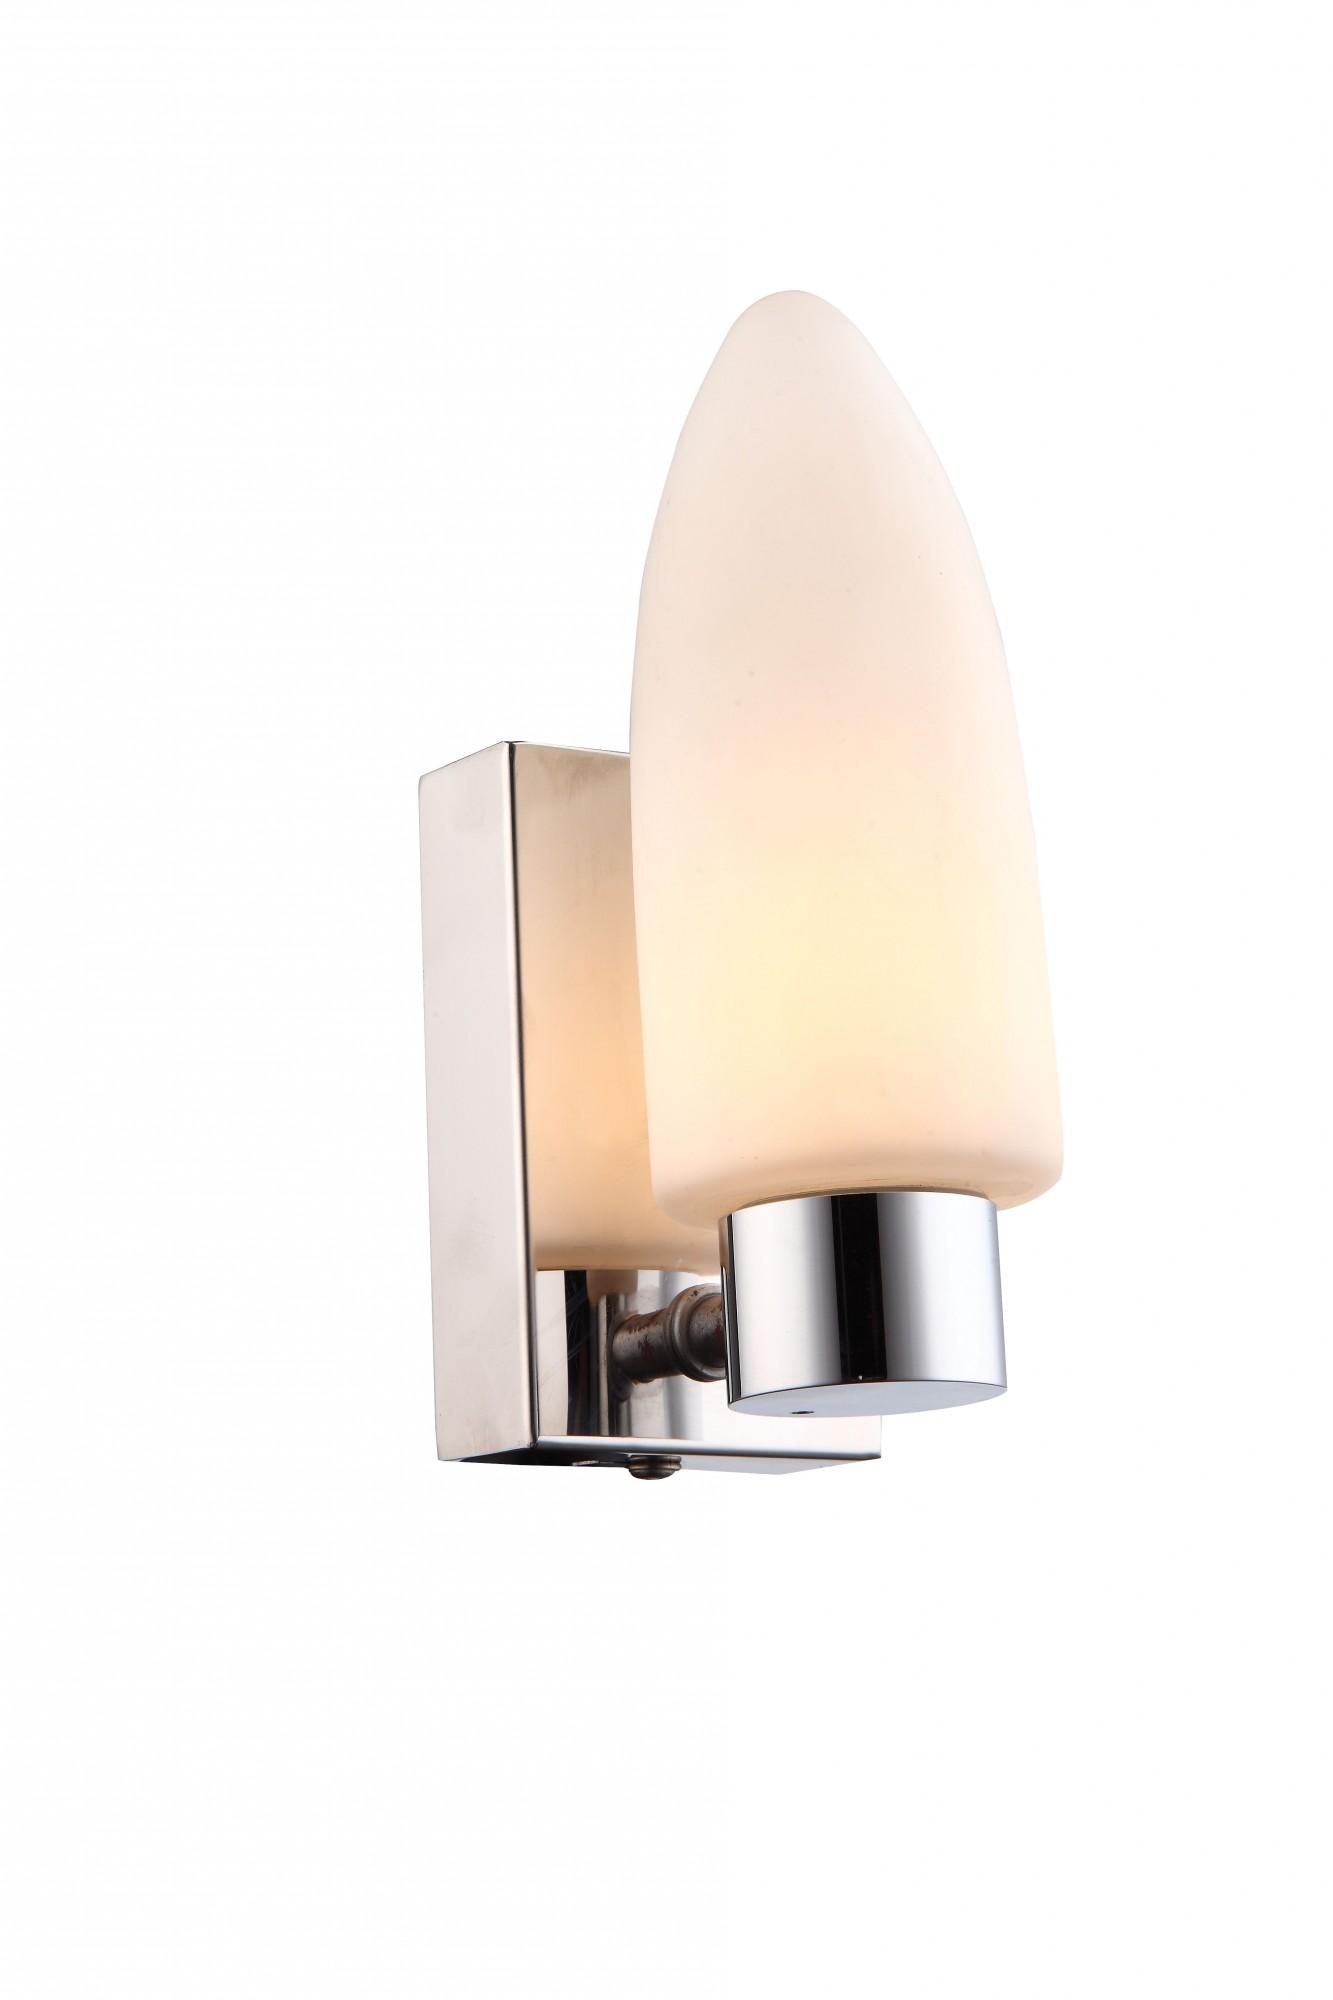 Фото товара A9502AP-1CC Arte Lamp